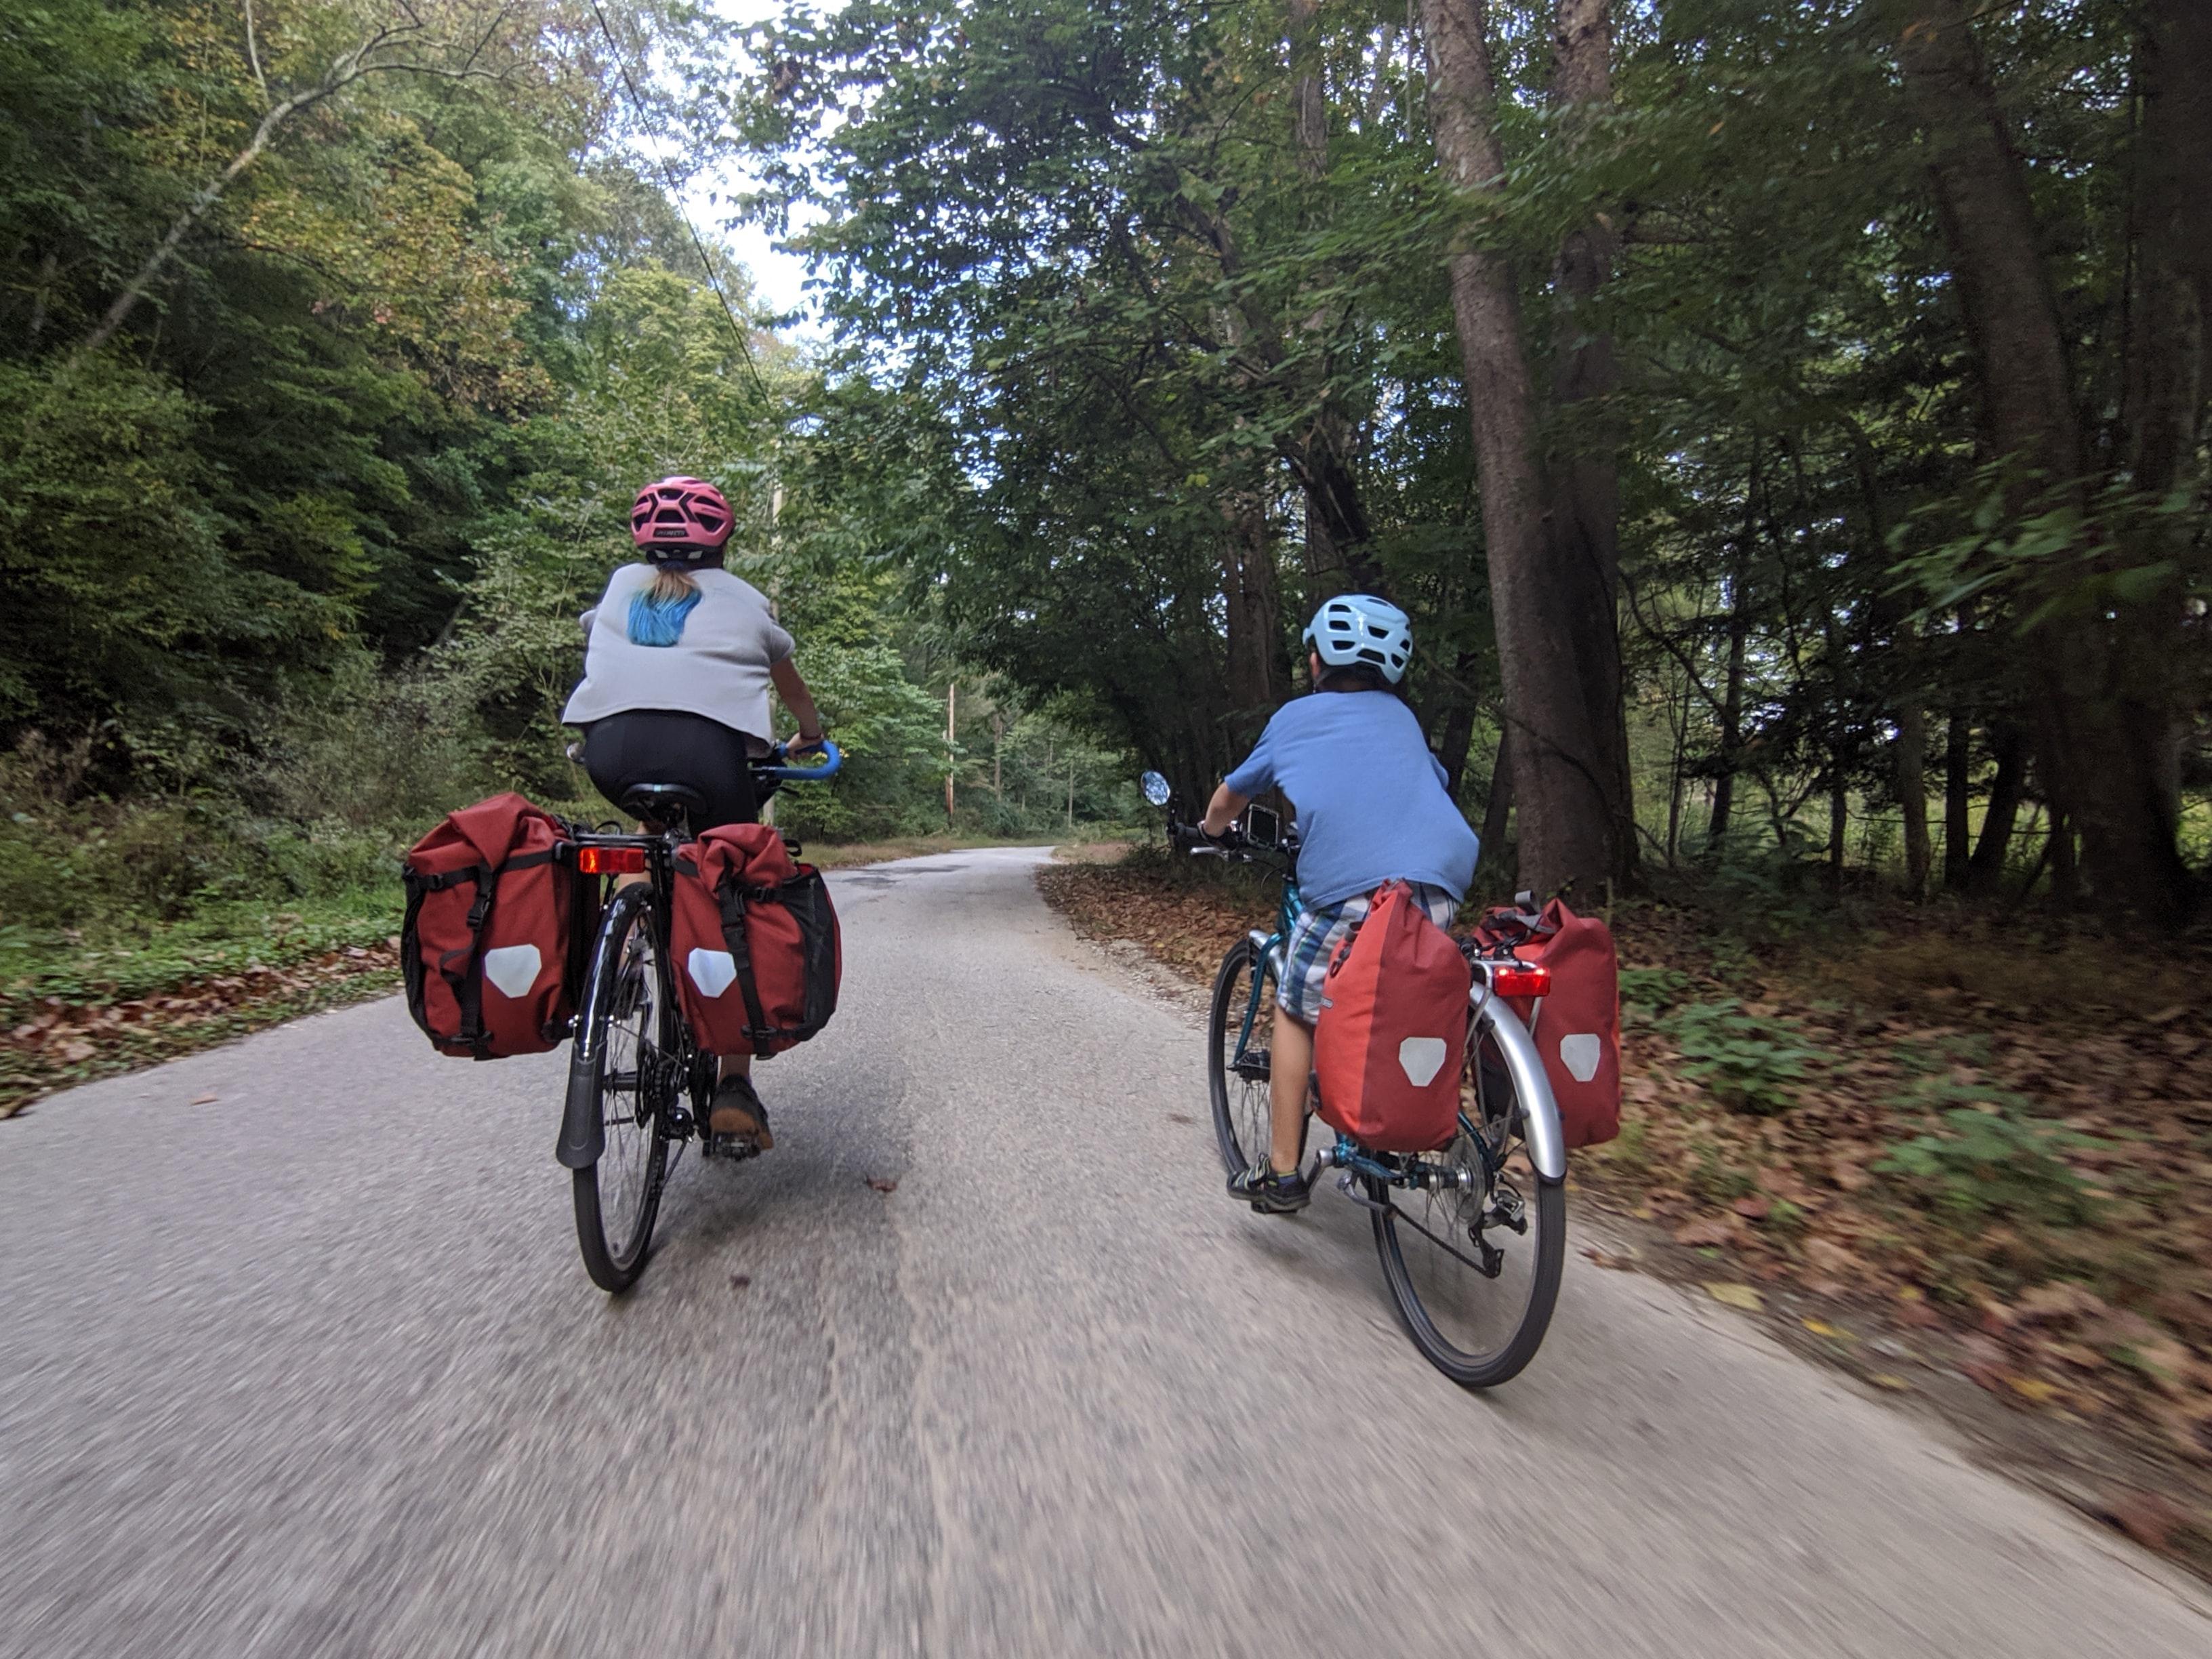 Advanatges of bike touring vs bikepacking